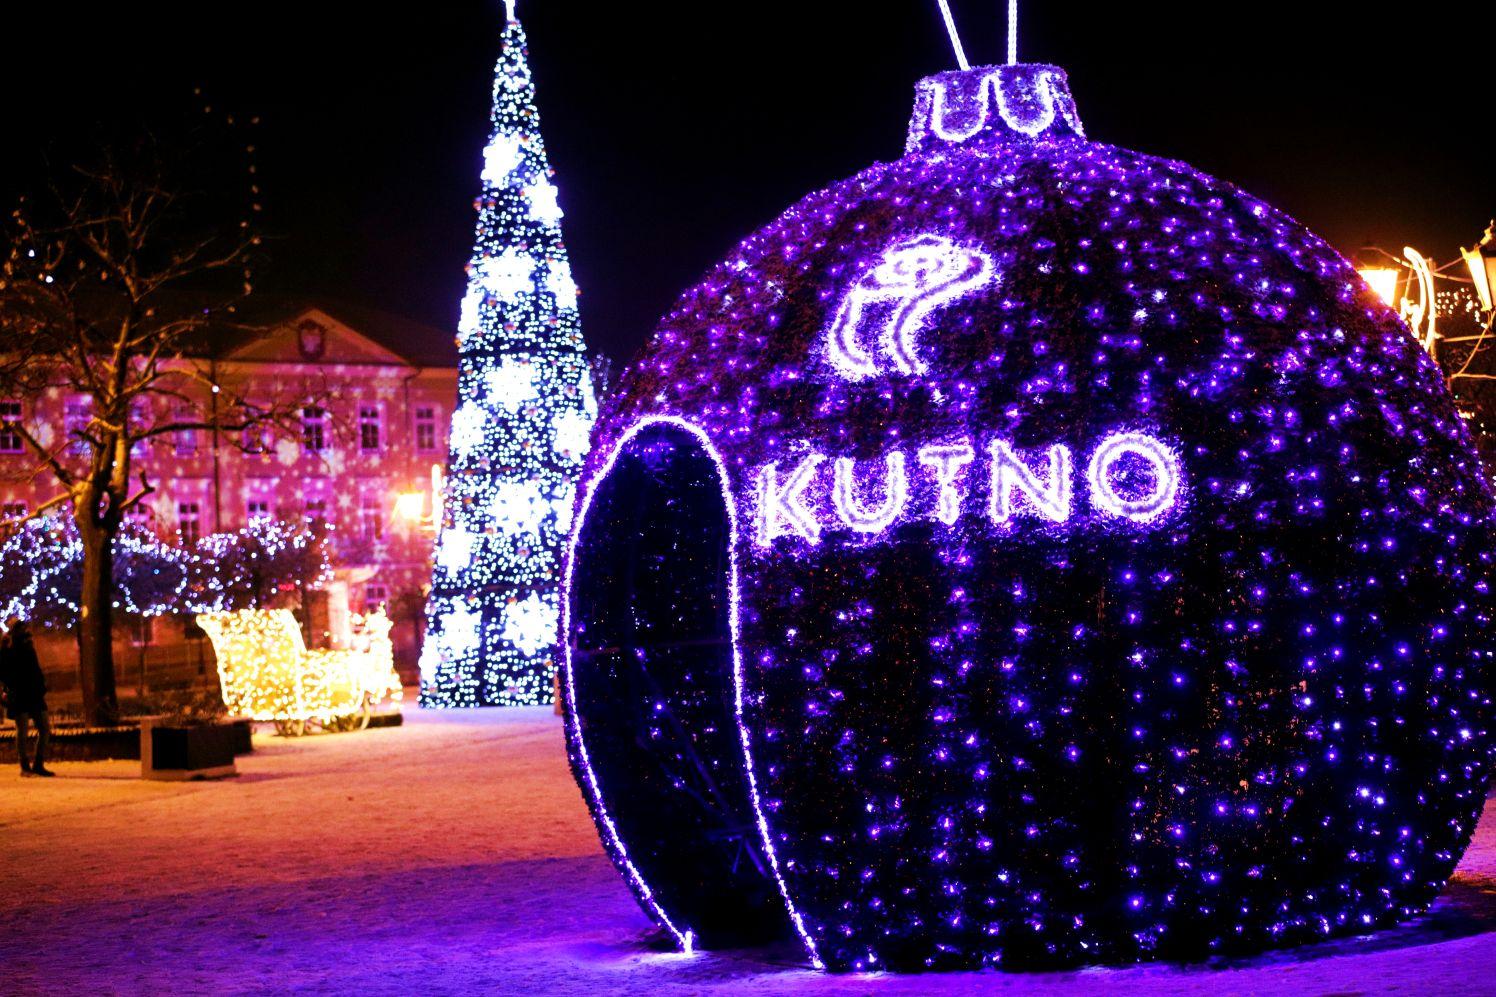 [FOTO] Centrum Kutna pod śniegiem. Iluminacje świąteczne zachwycają! - Zdjęcie główne